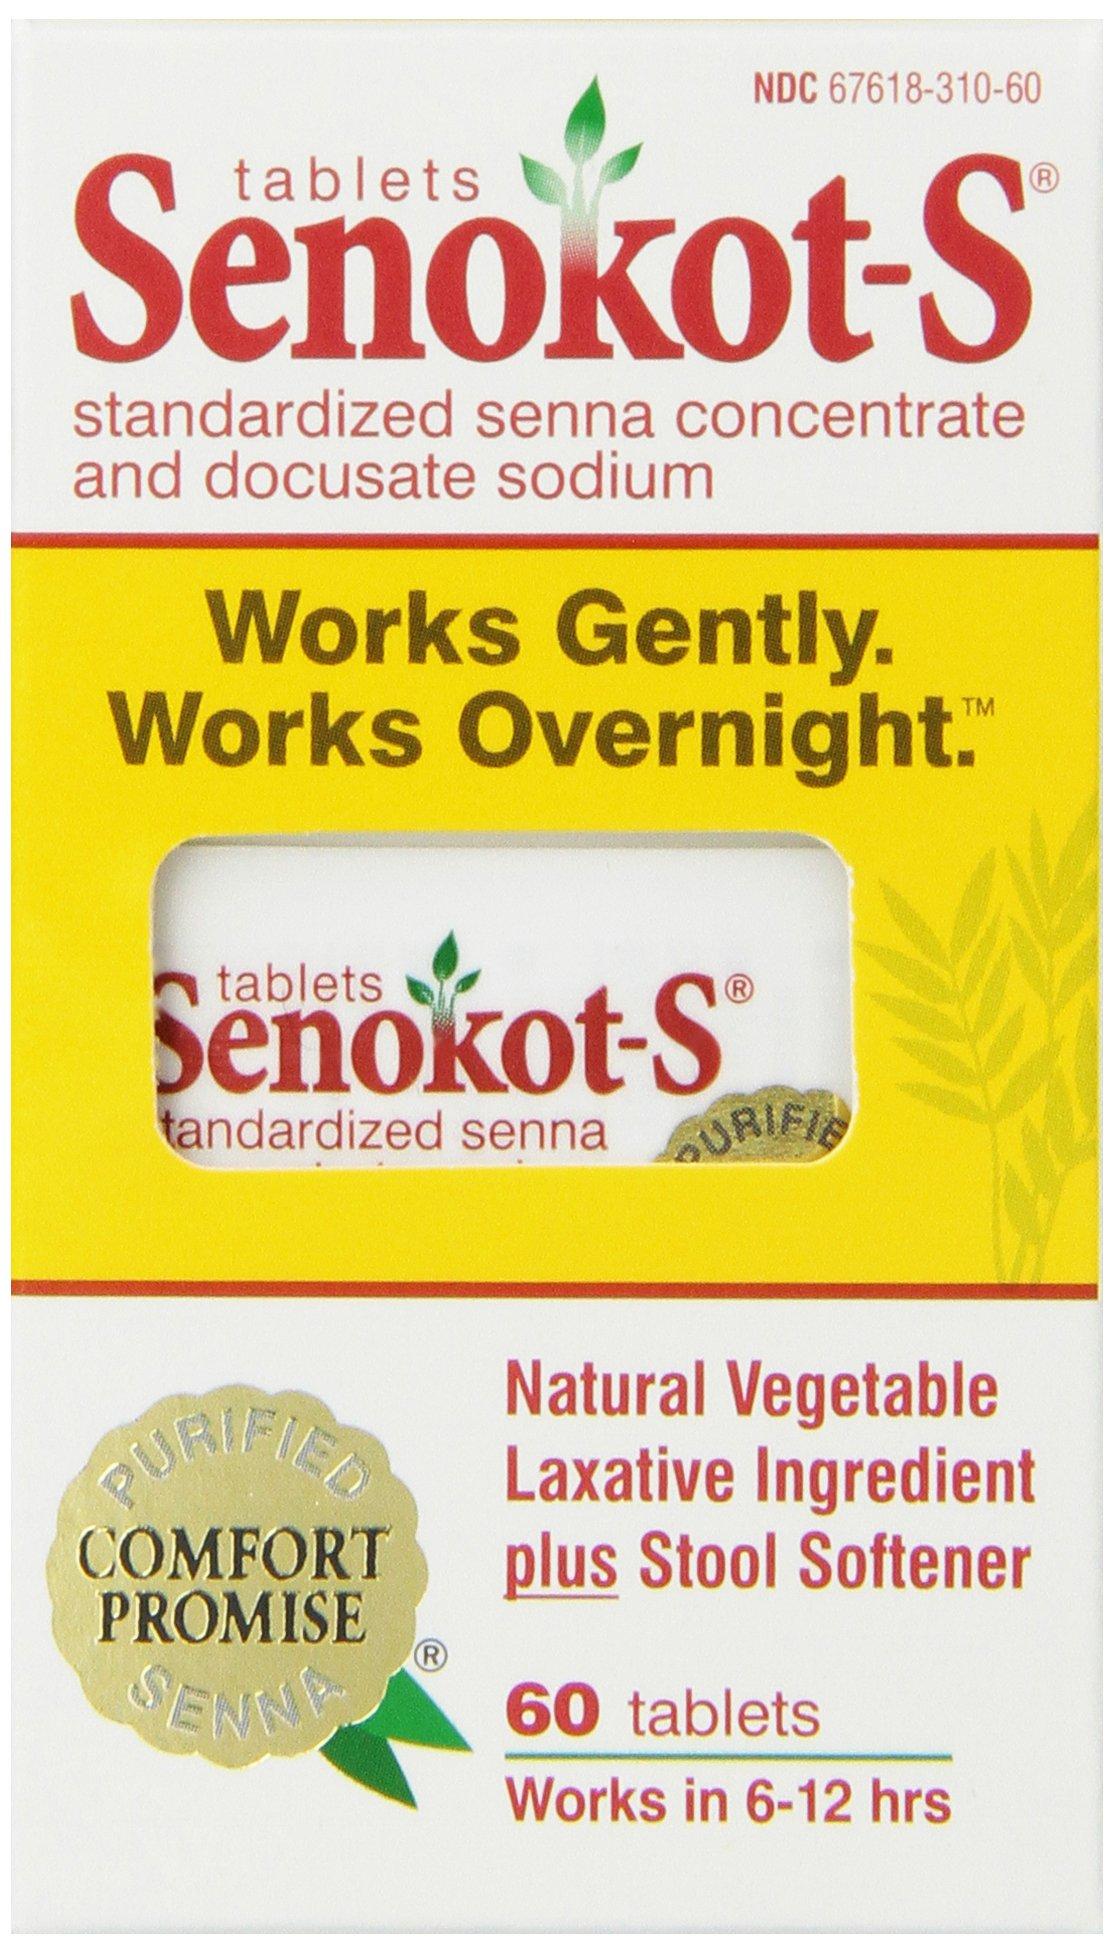 Senokot S Natural Vegetable Laxative Ingredient Plus Stool